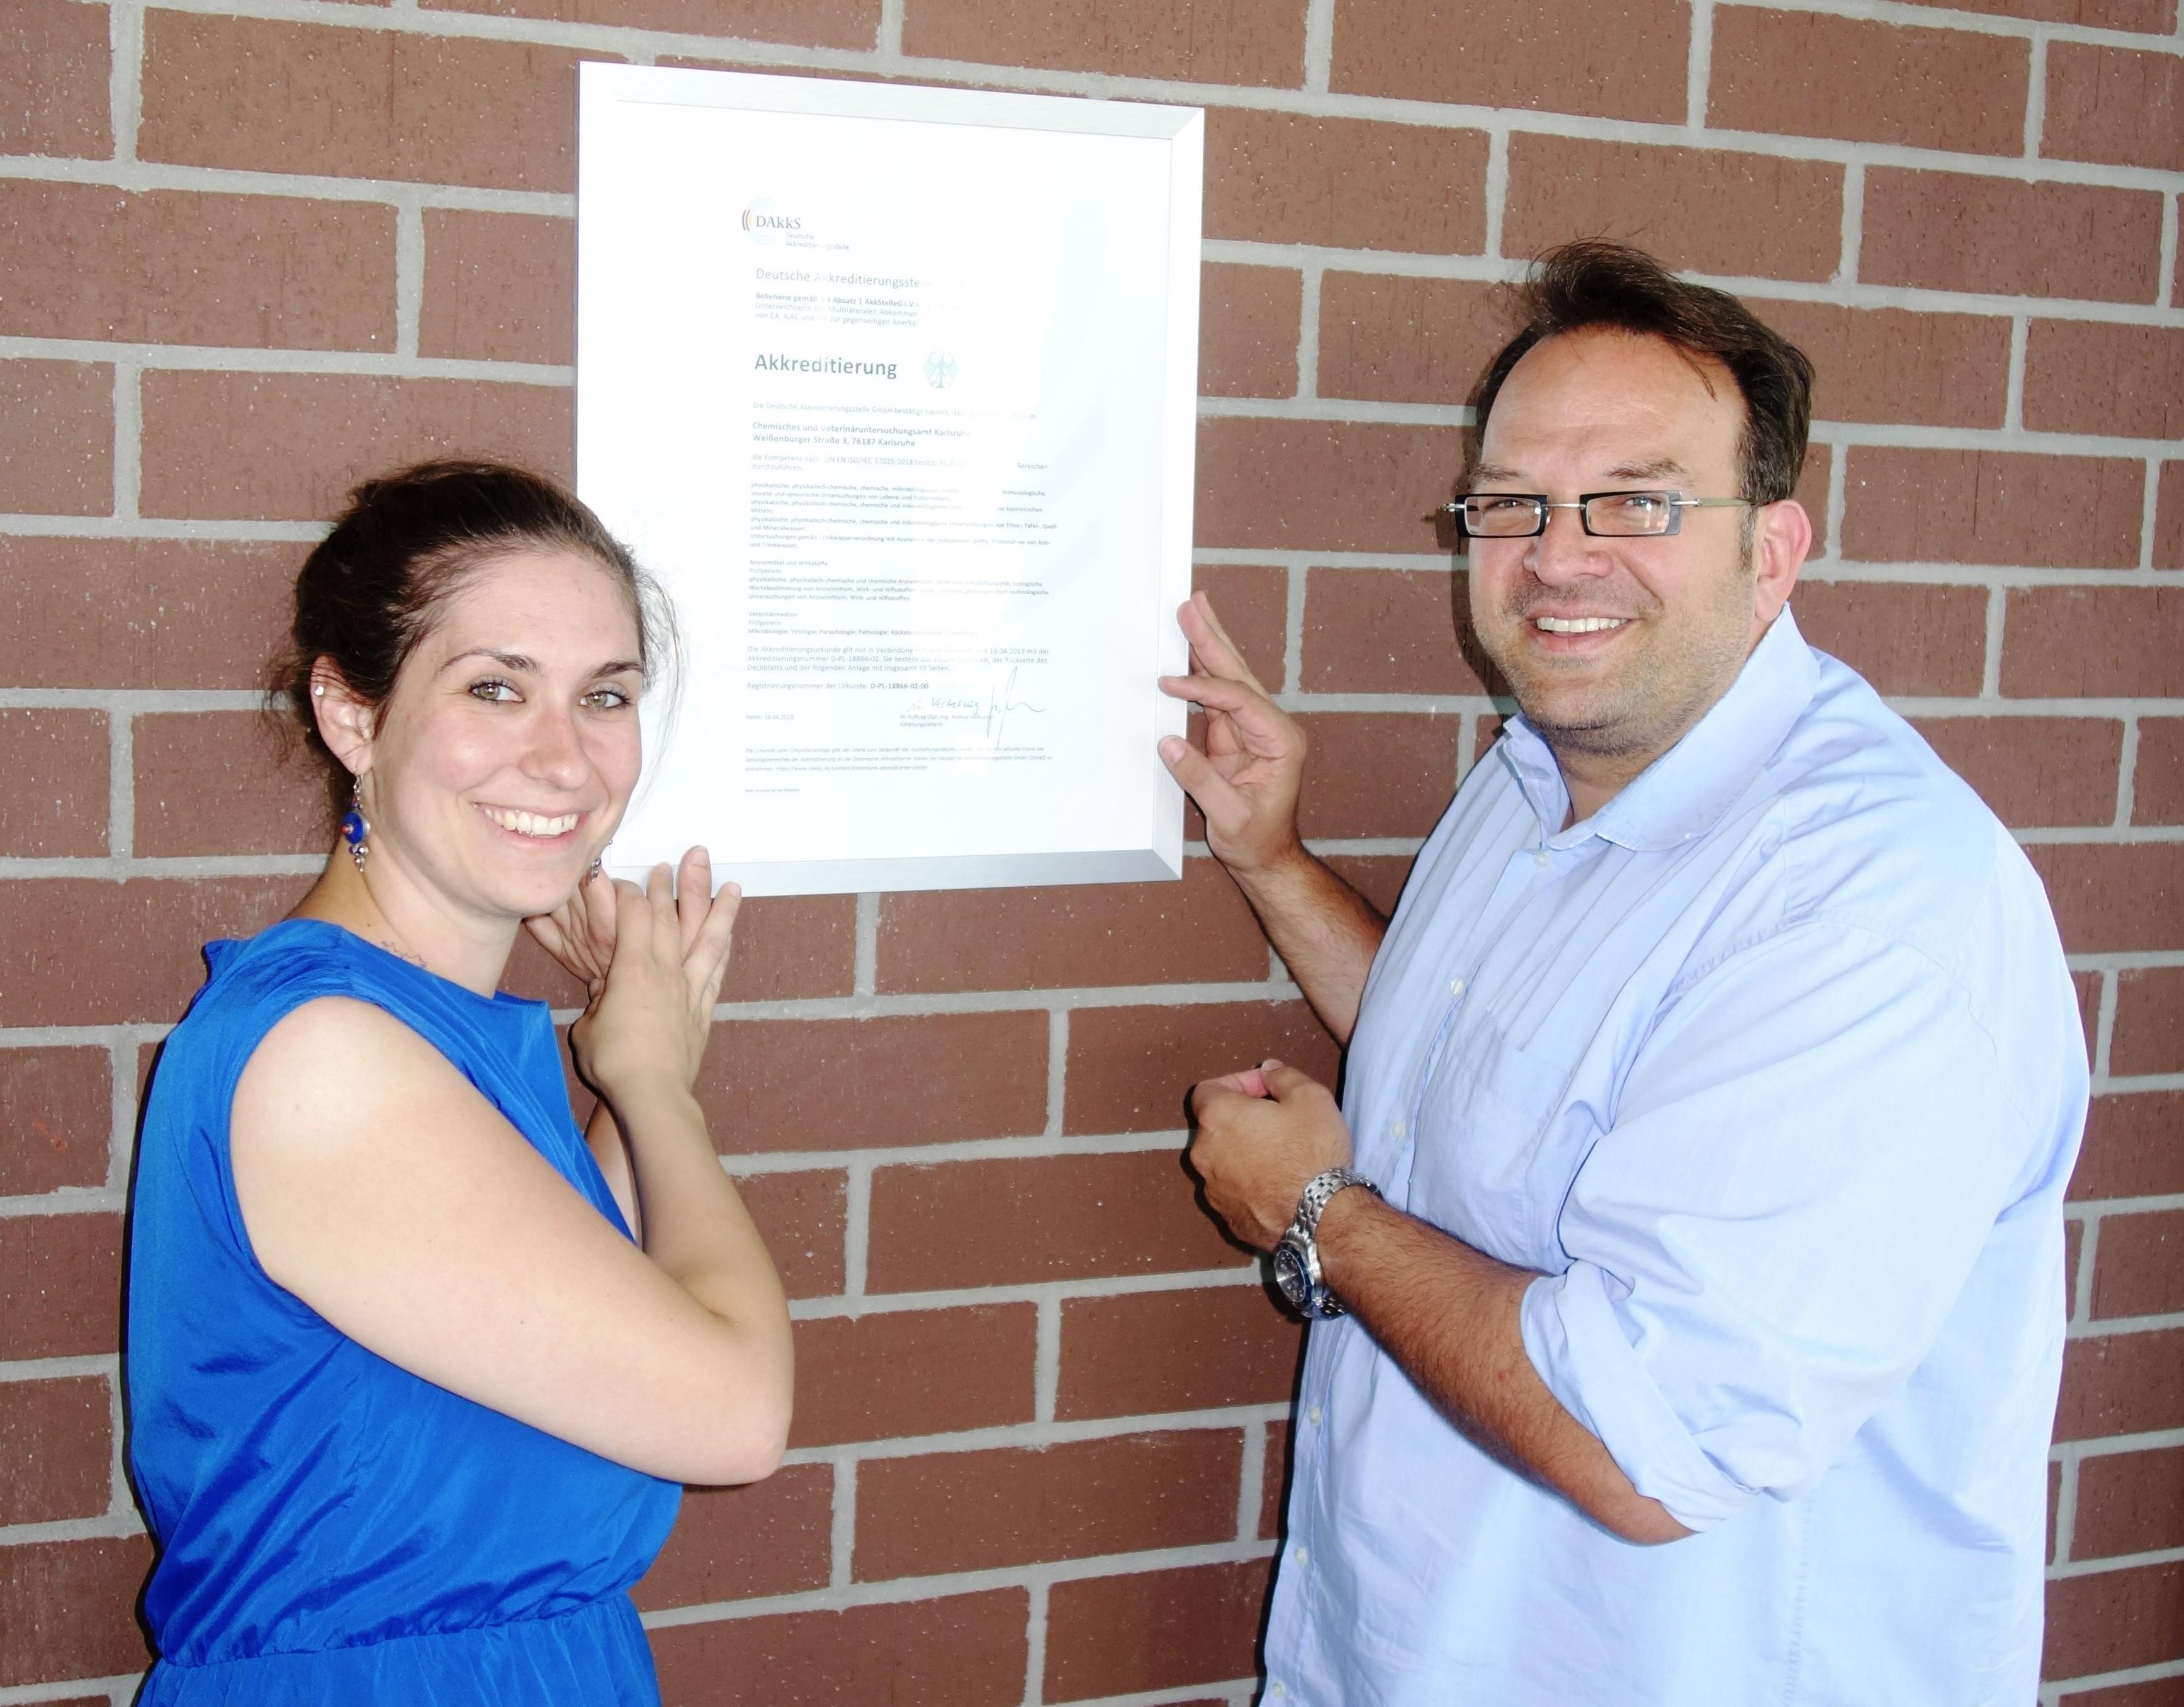 Qualitätsmanagementbeauftragte Frau Dr. Lennermann und Dienstellenleiter Herr Walch mit aktueller Akkreditierungsurkunde.